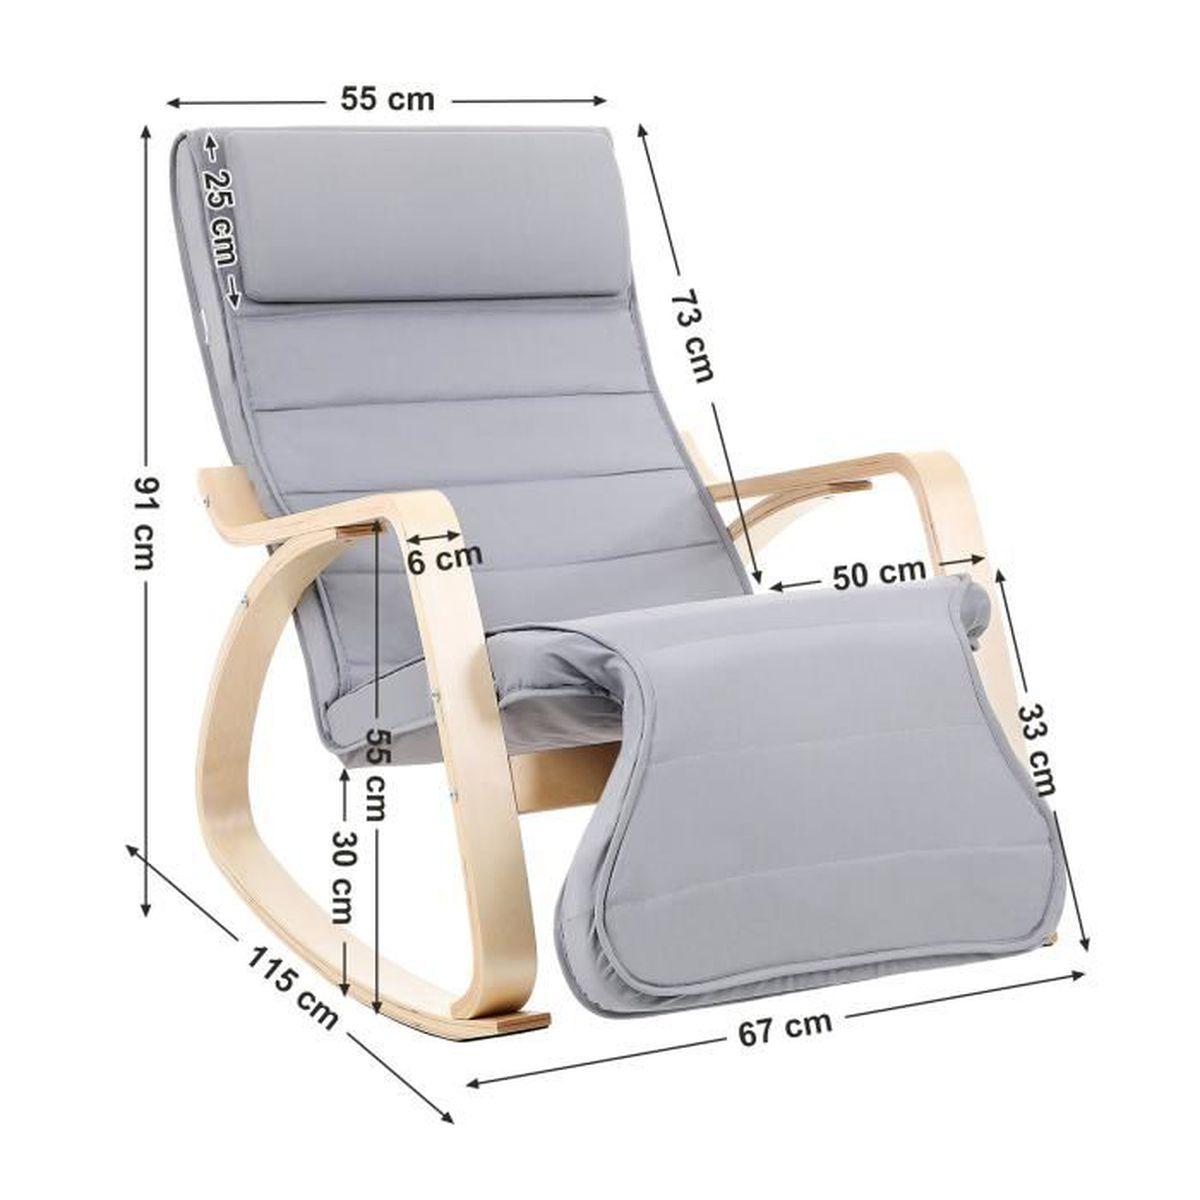 Hauck Metal Glider avec Tabouret et Fonction de Basculement Creme R/églable Pivotante Fauteuil d/'Allaitement et de Relaxation jusqu/'/à 120 kg Pochettes Lat/érales